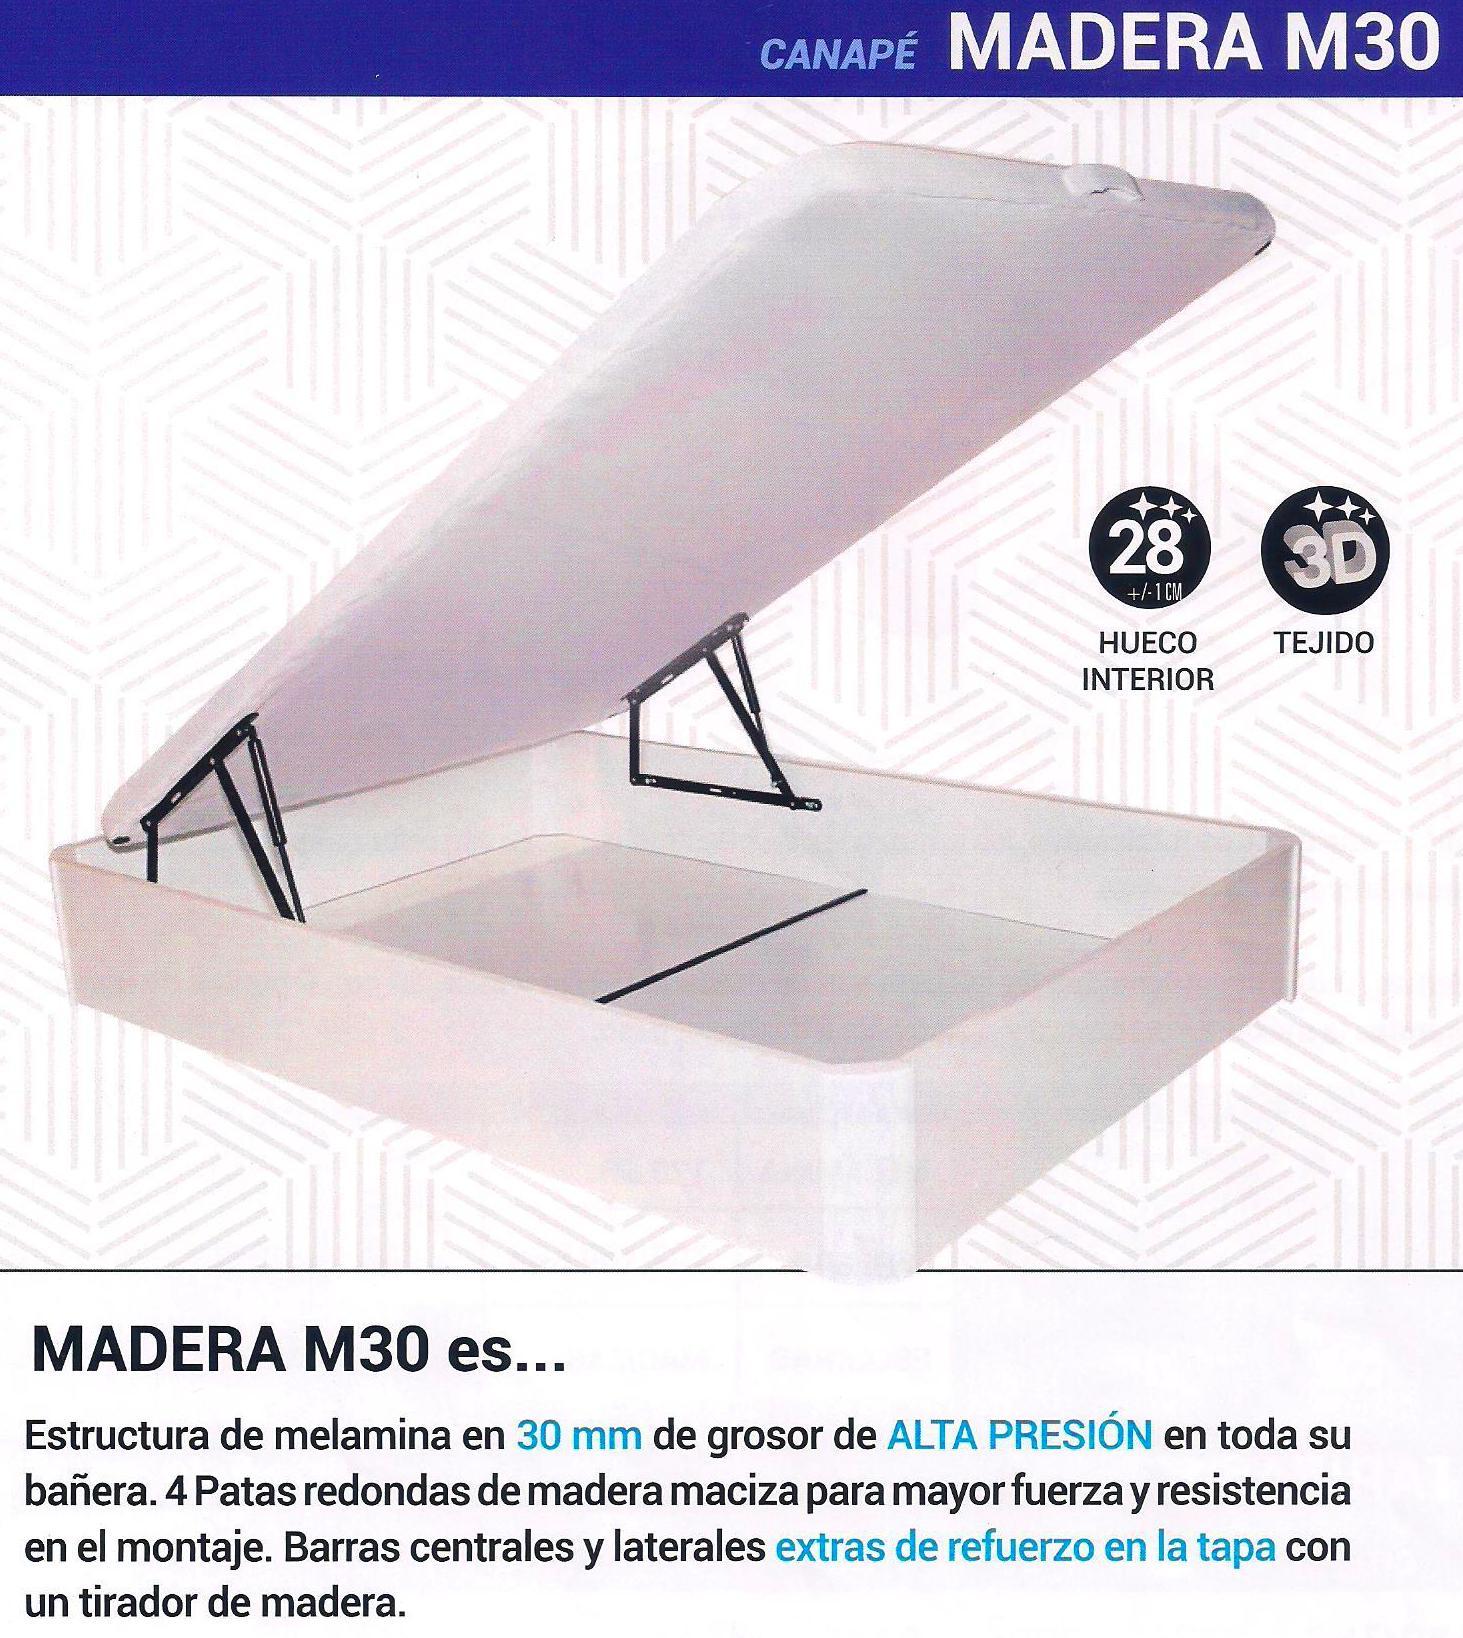 Canape Madera M30